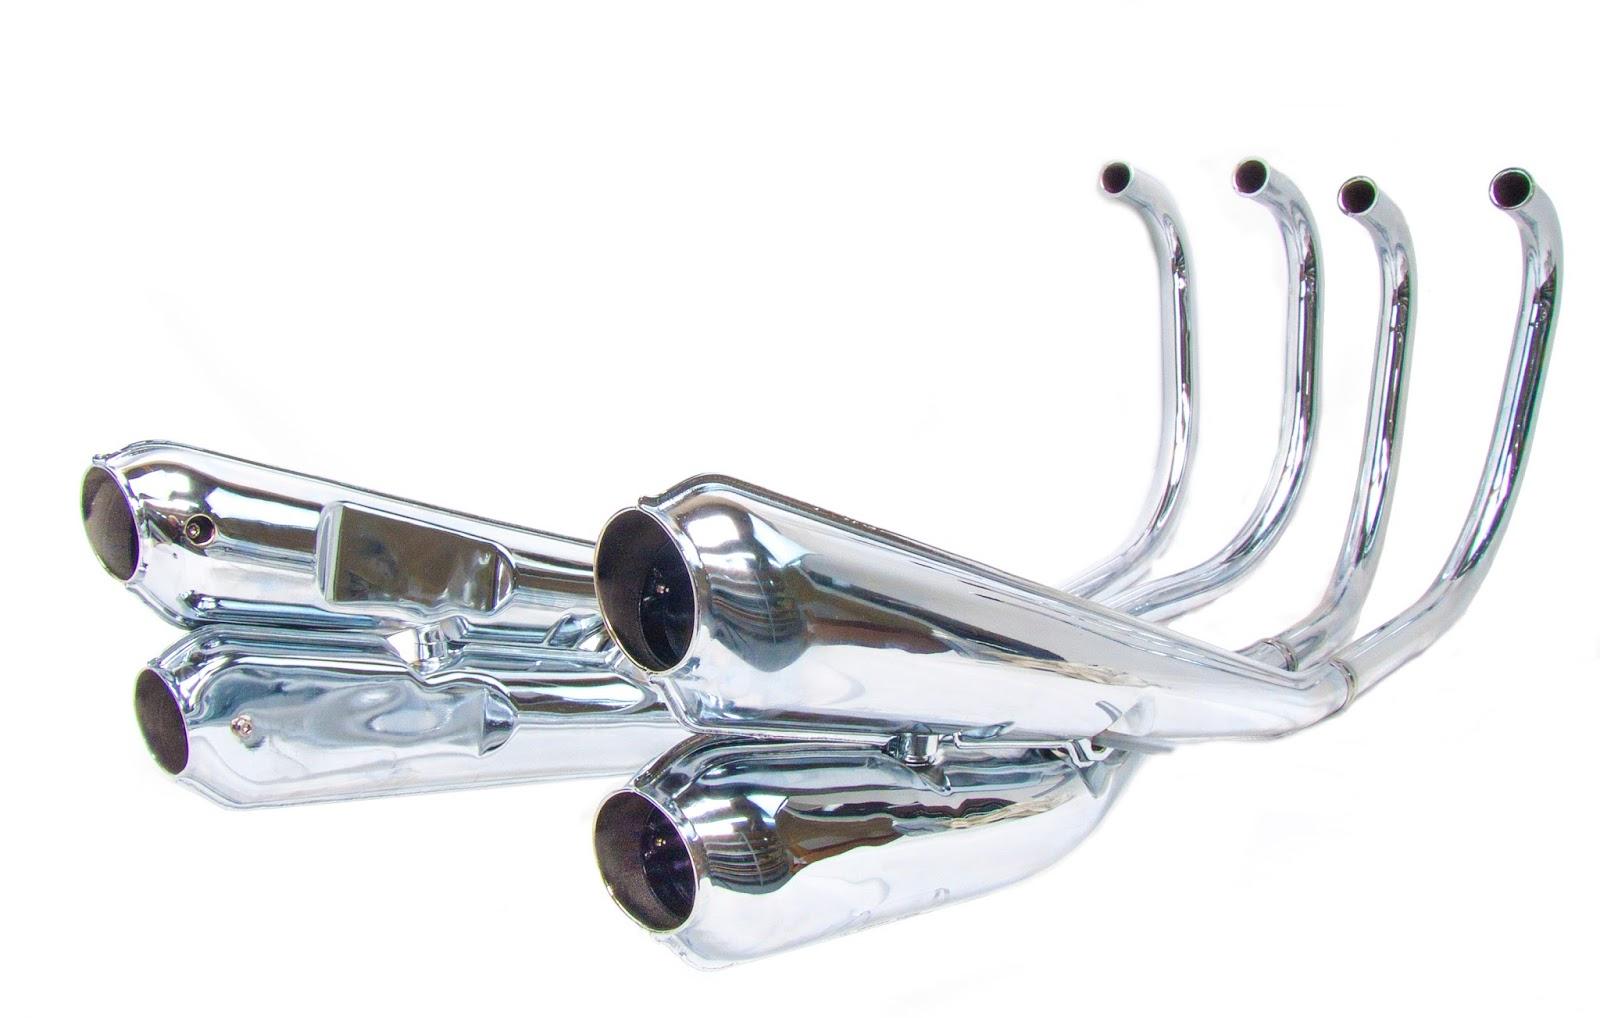 Kawasaki Zparts